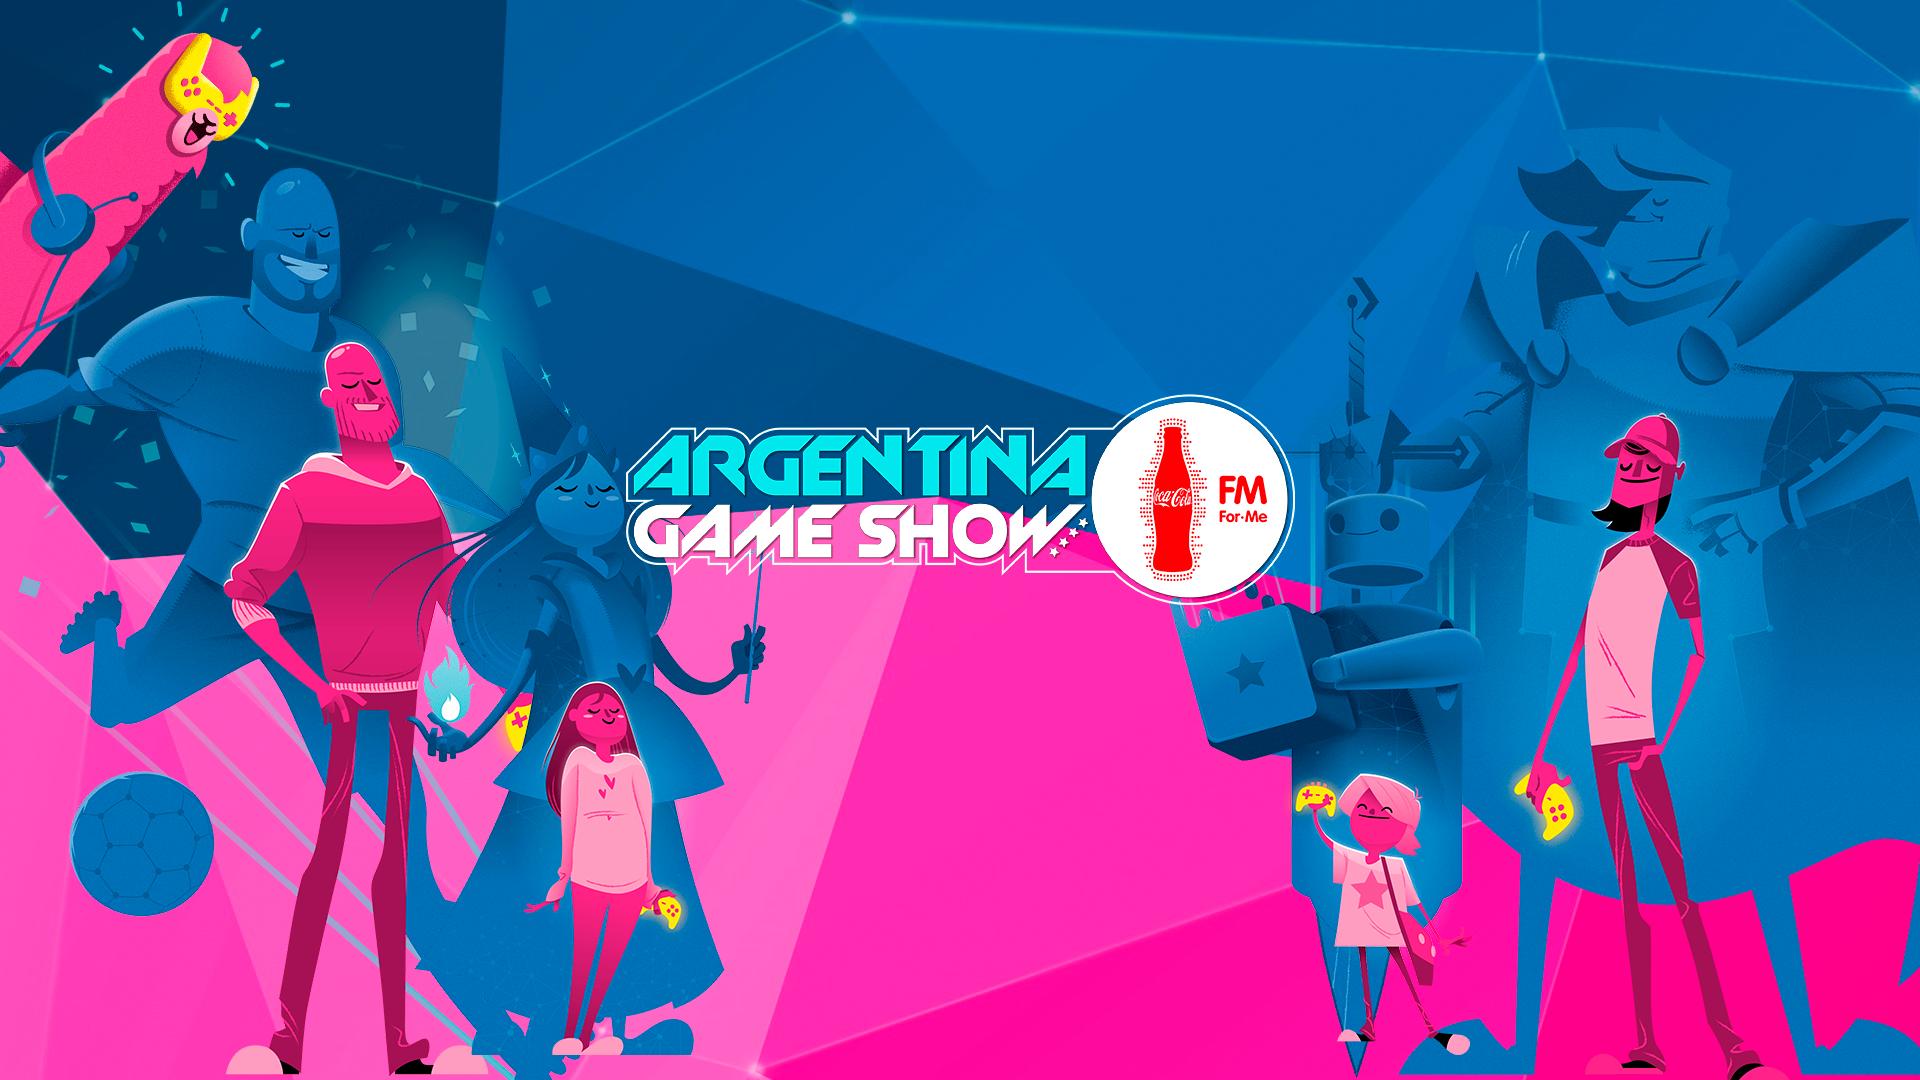 Argentina Game Show 2018: eSports, torneos y competencias para todos los gustos